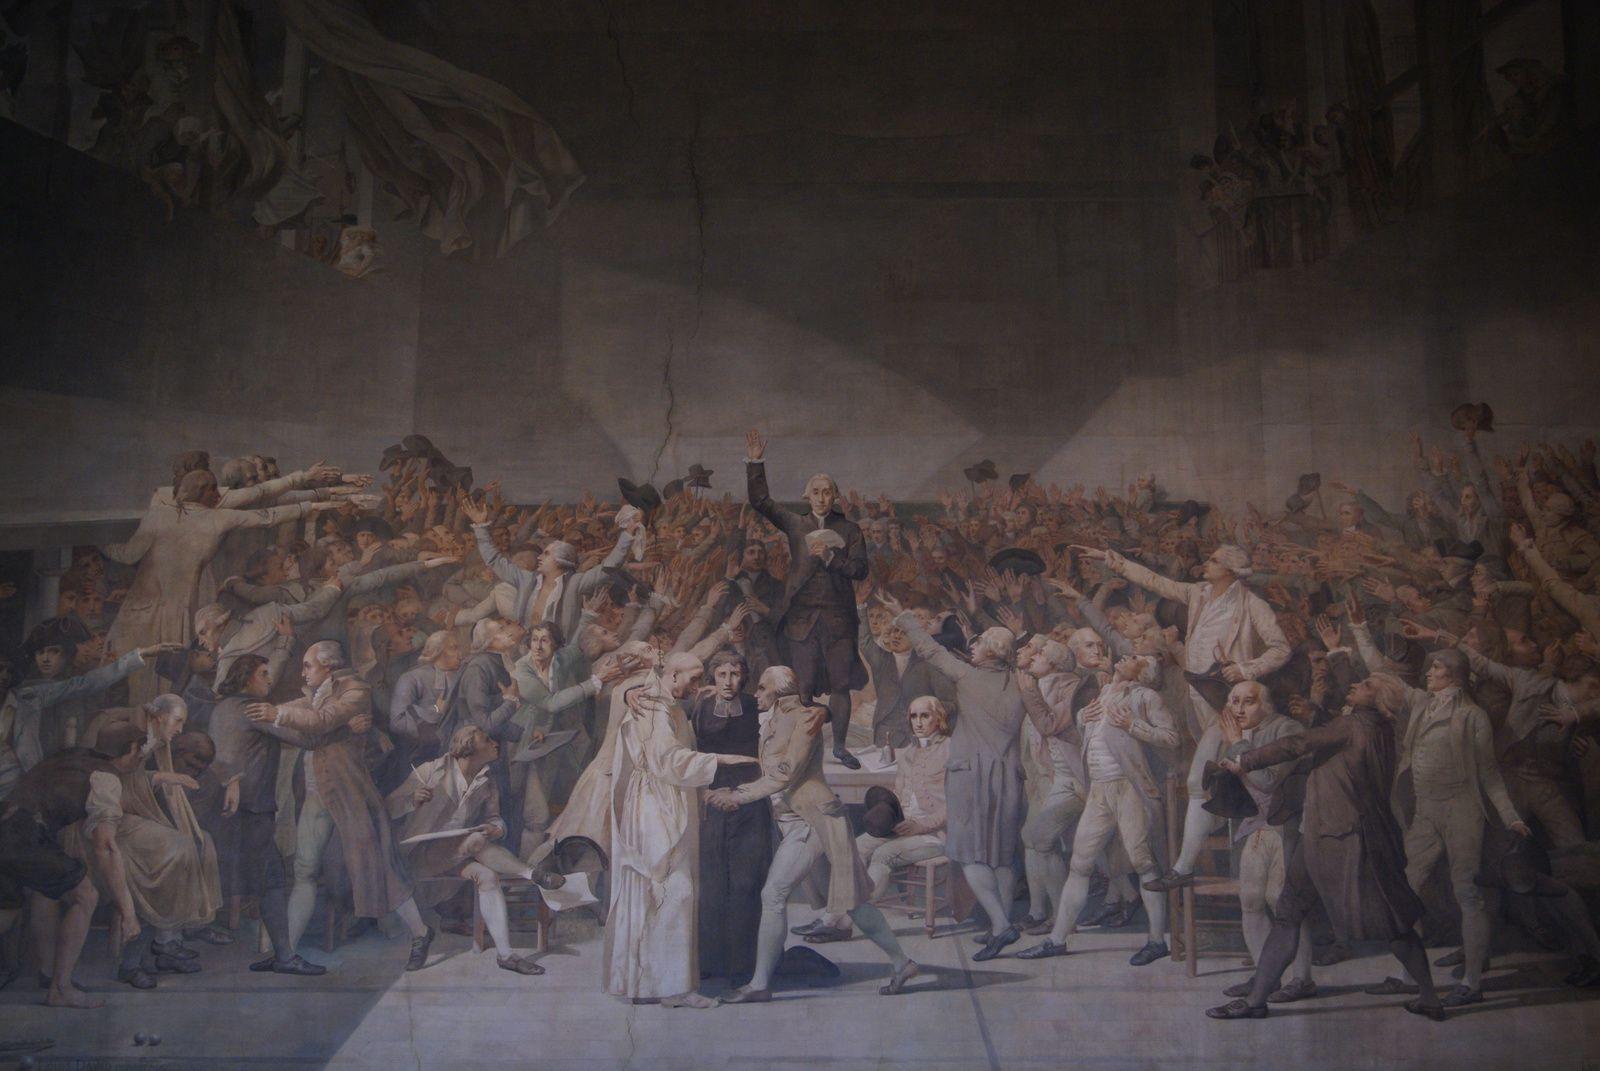 The wall. Le discours de politique générale.